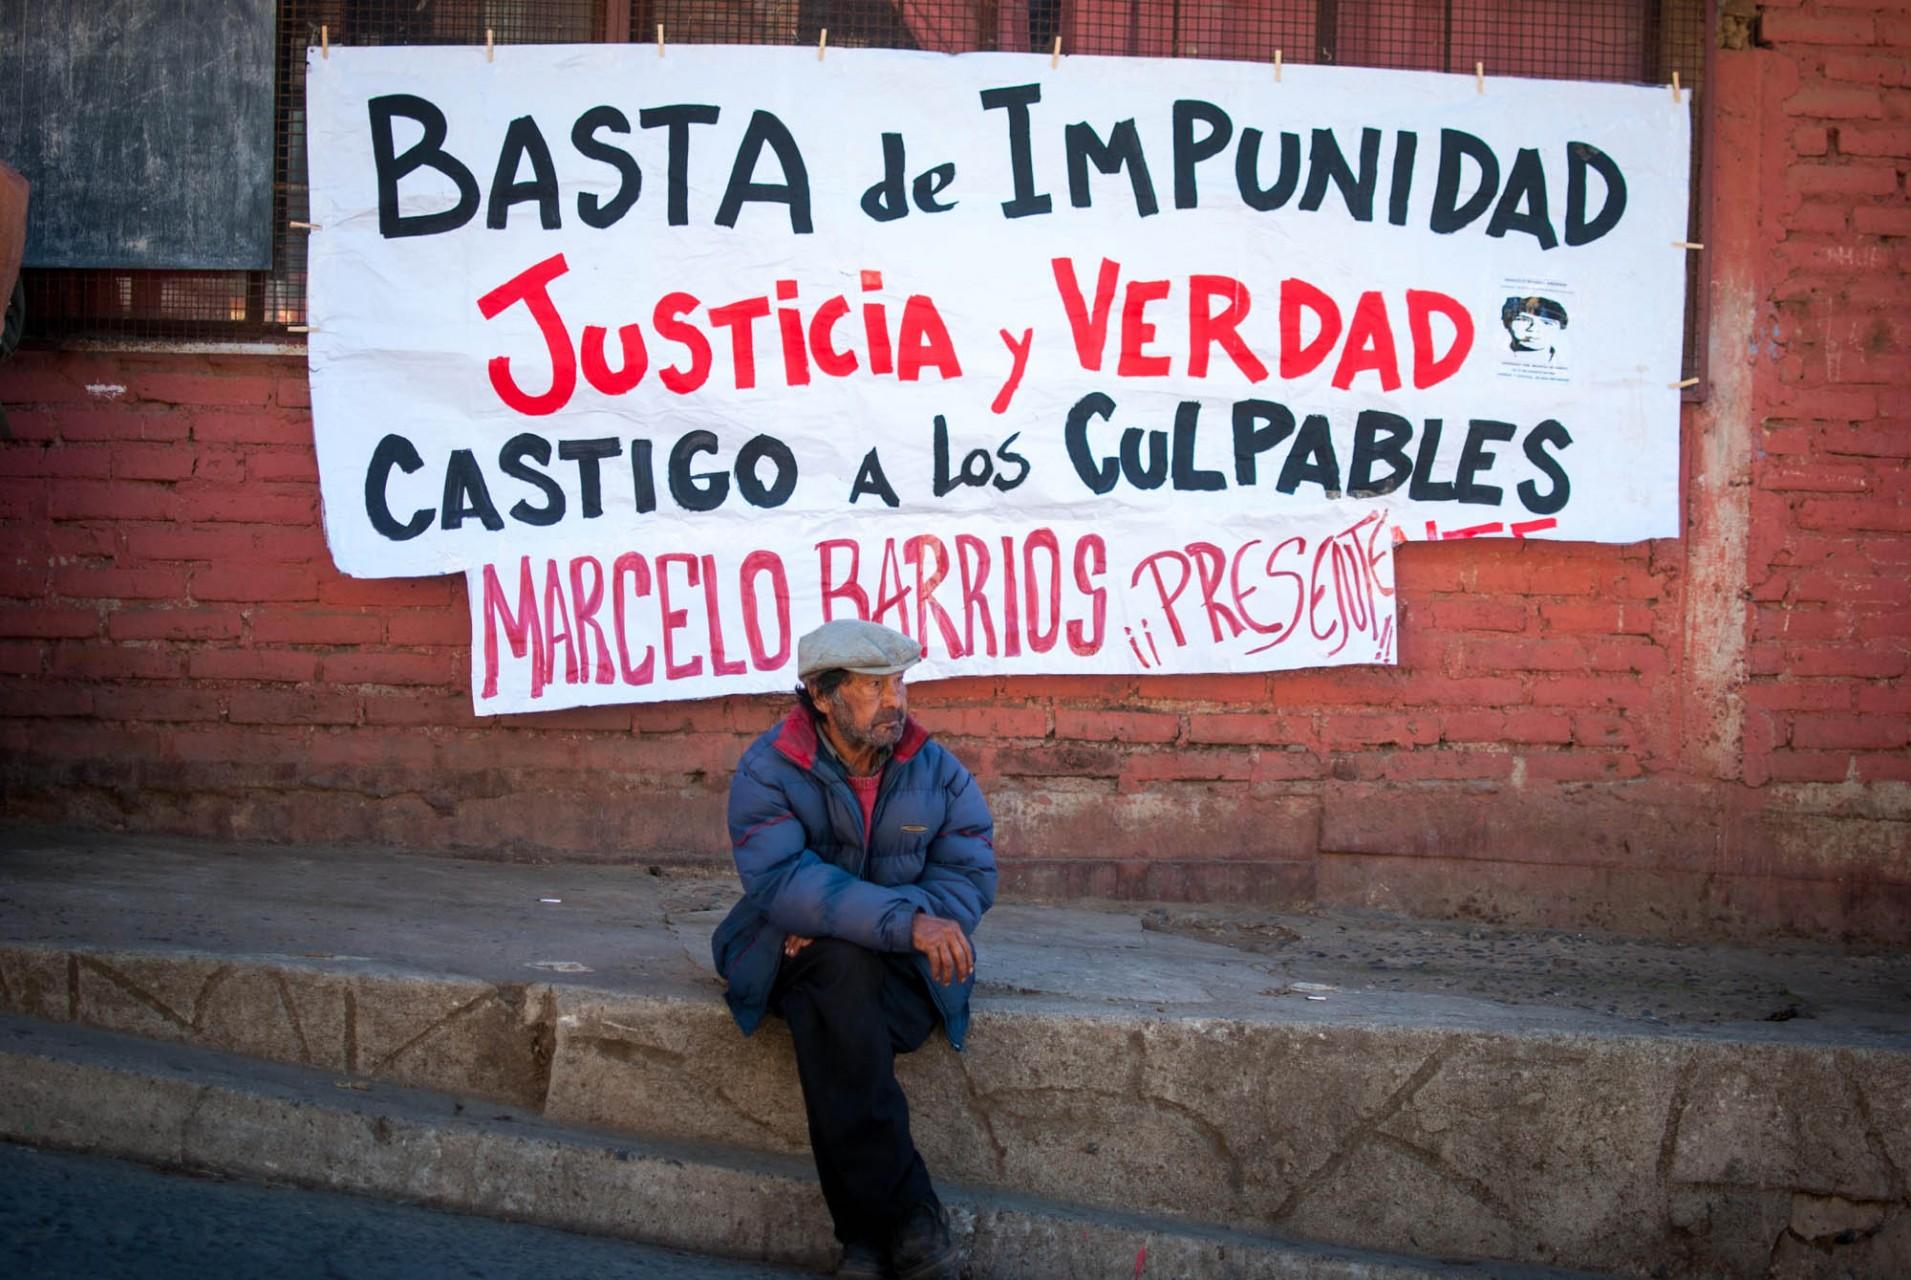 El cerro Yungay de Valparaíso fue donde se llevó adelante la diligencia que busca esclarecer la muerte de un joven estudiante de historia en los descuentos de la dictadura de Pinochet.